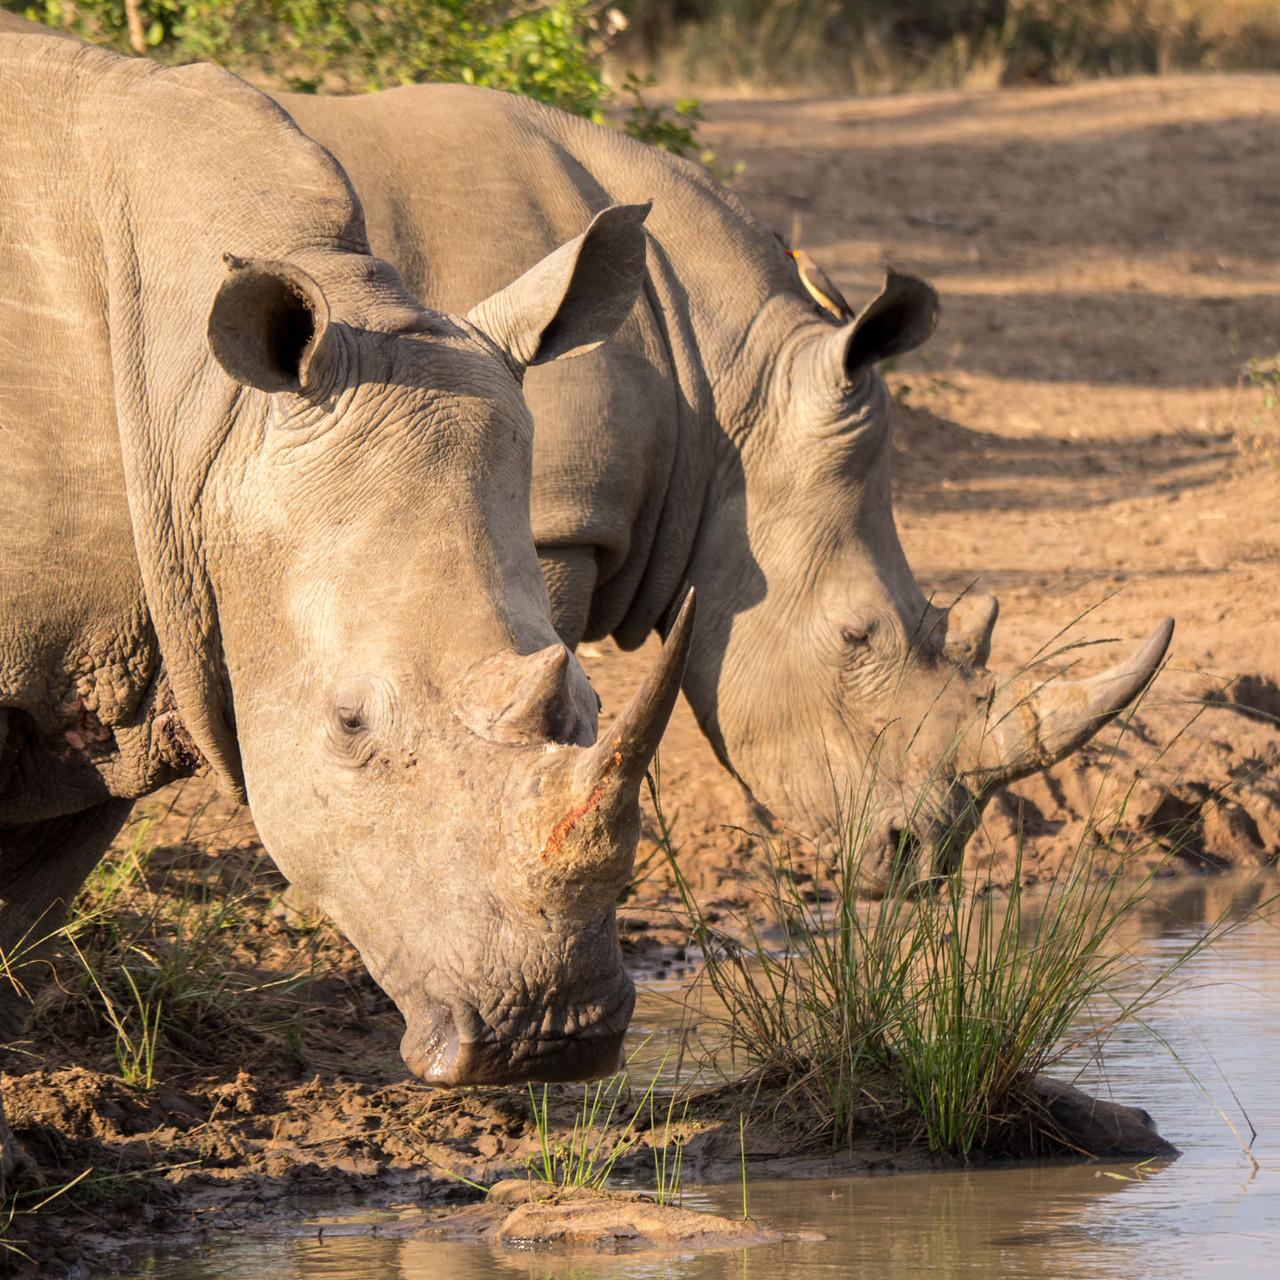 Rhinos [Hluhluwe-iMfolozi-Park, South Africa, 2015]